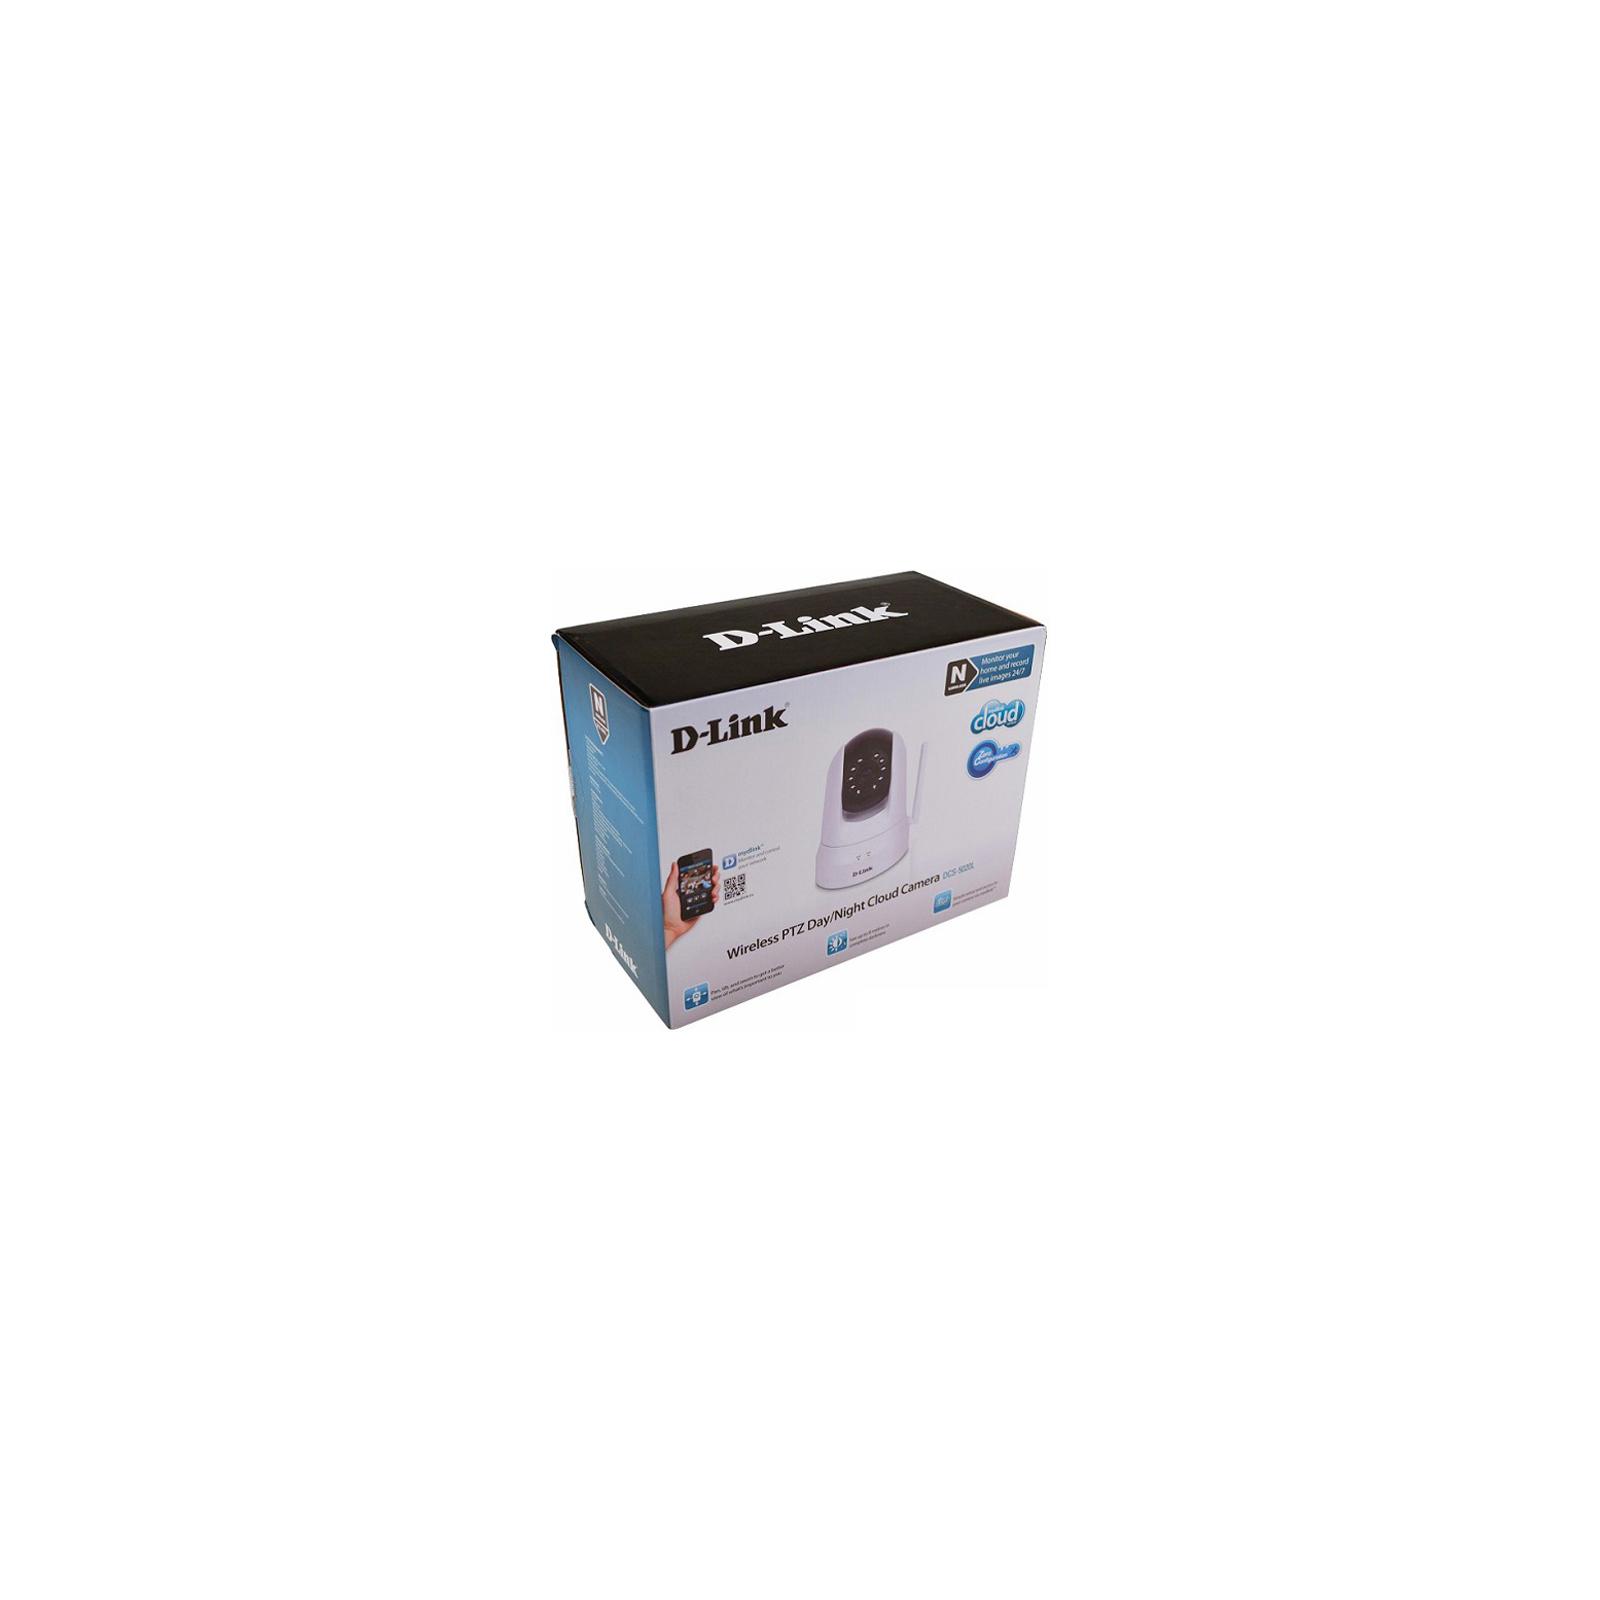 Сетевая камера D-Link DCS-5020L изображение 6